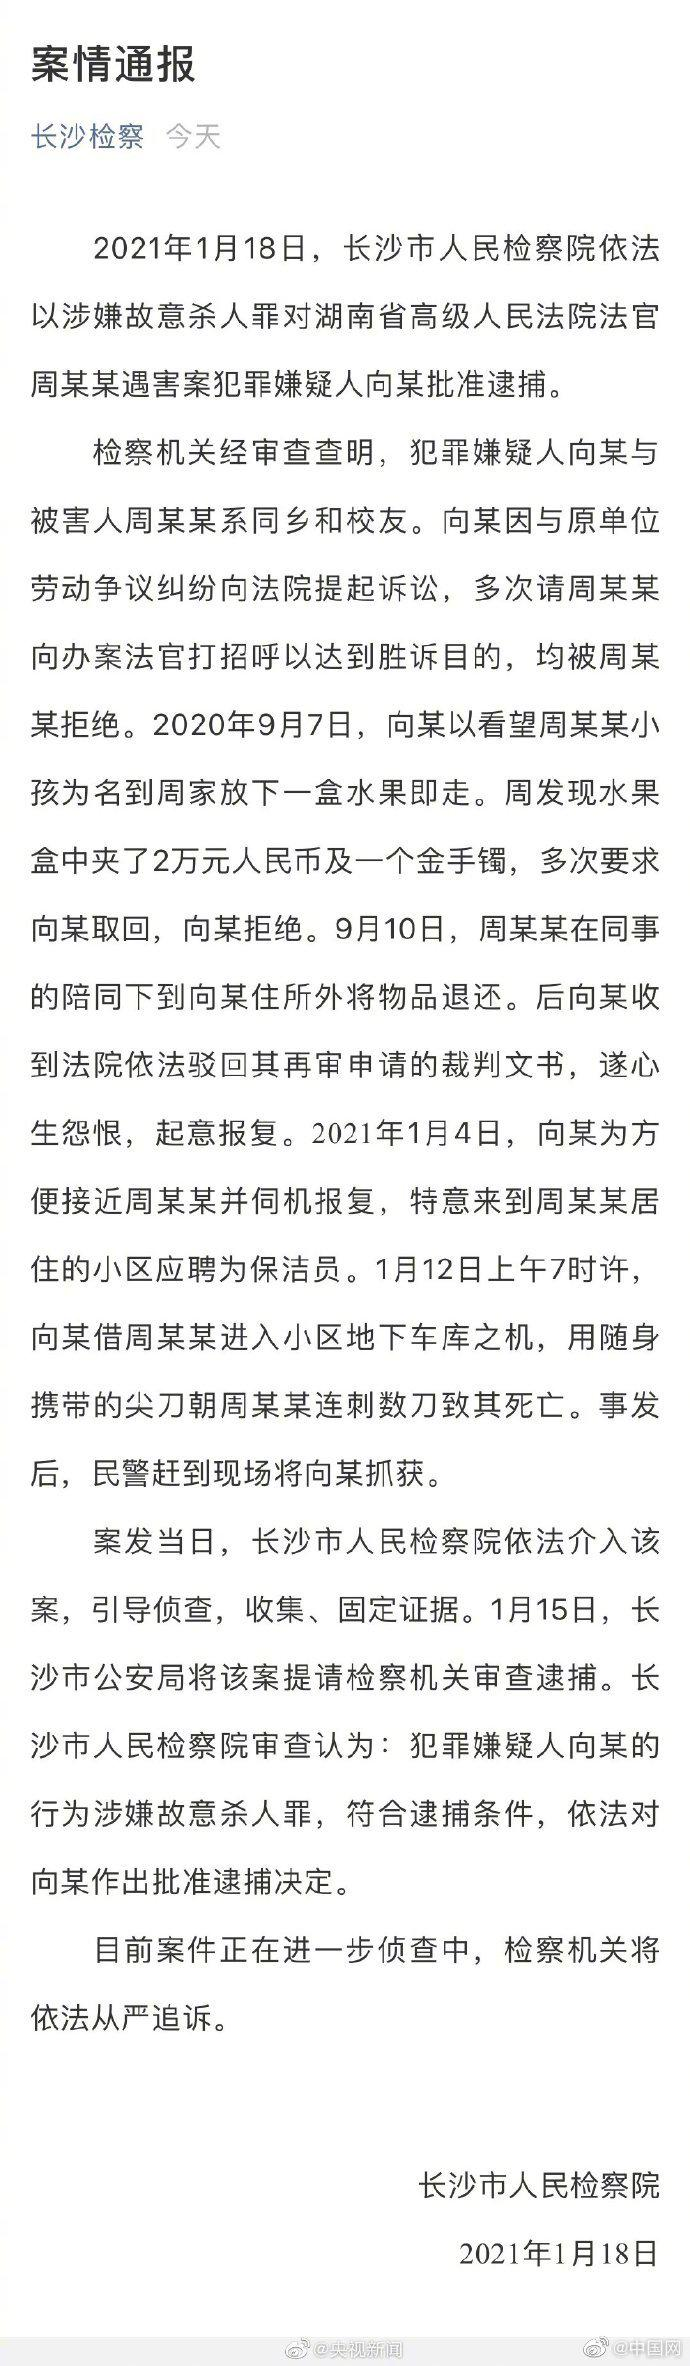 杀害湖南高院法官嫌疑人被批捕